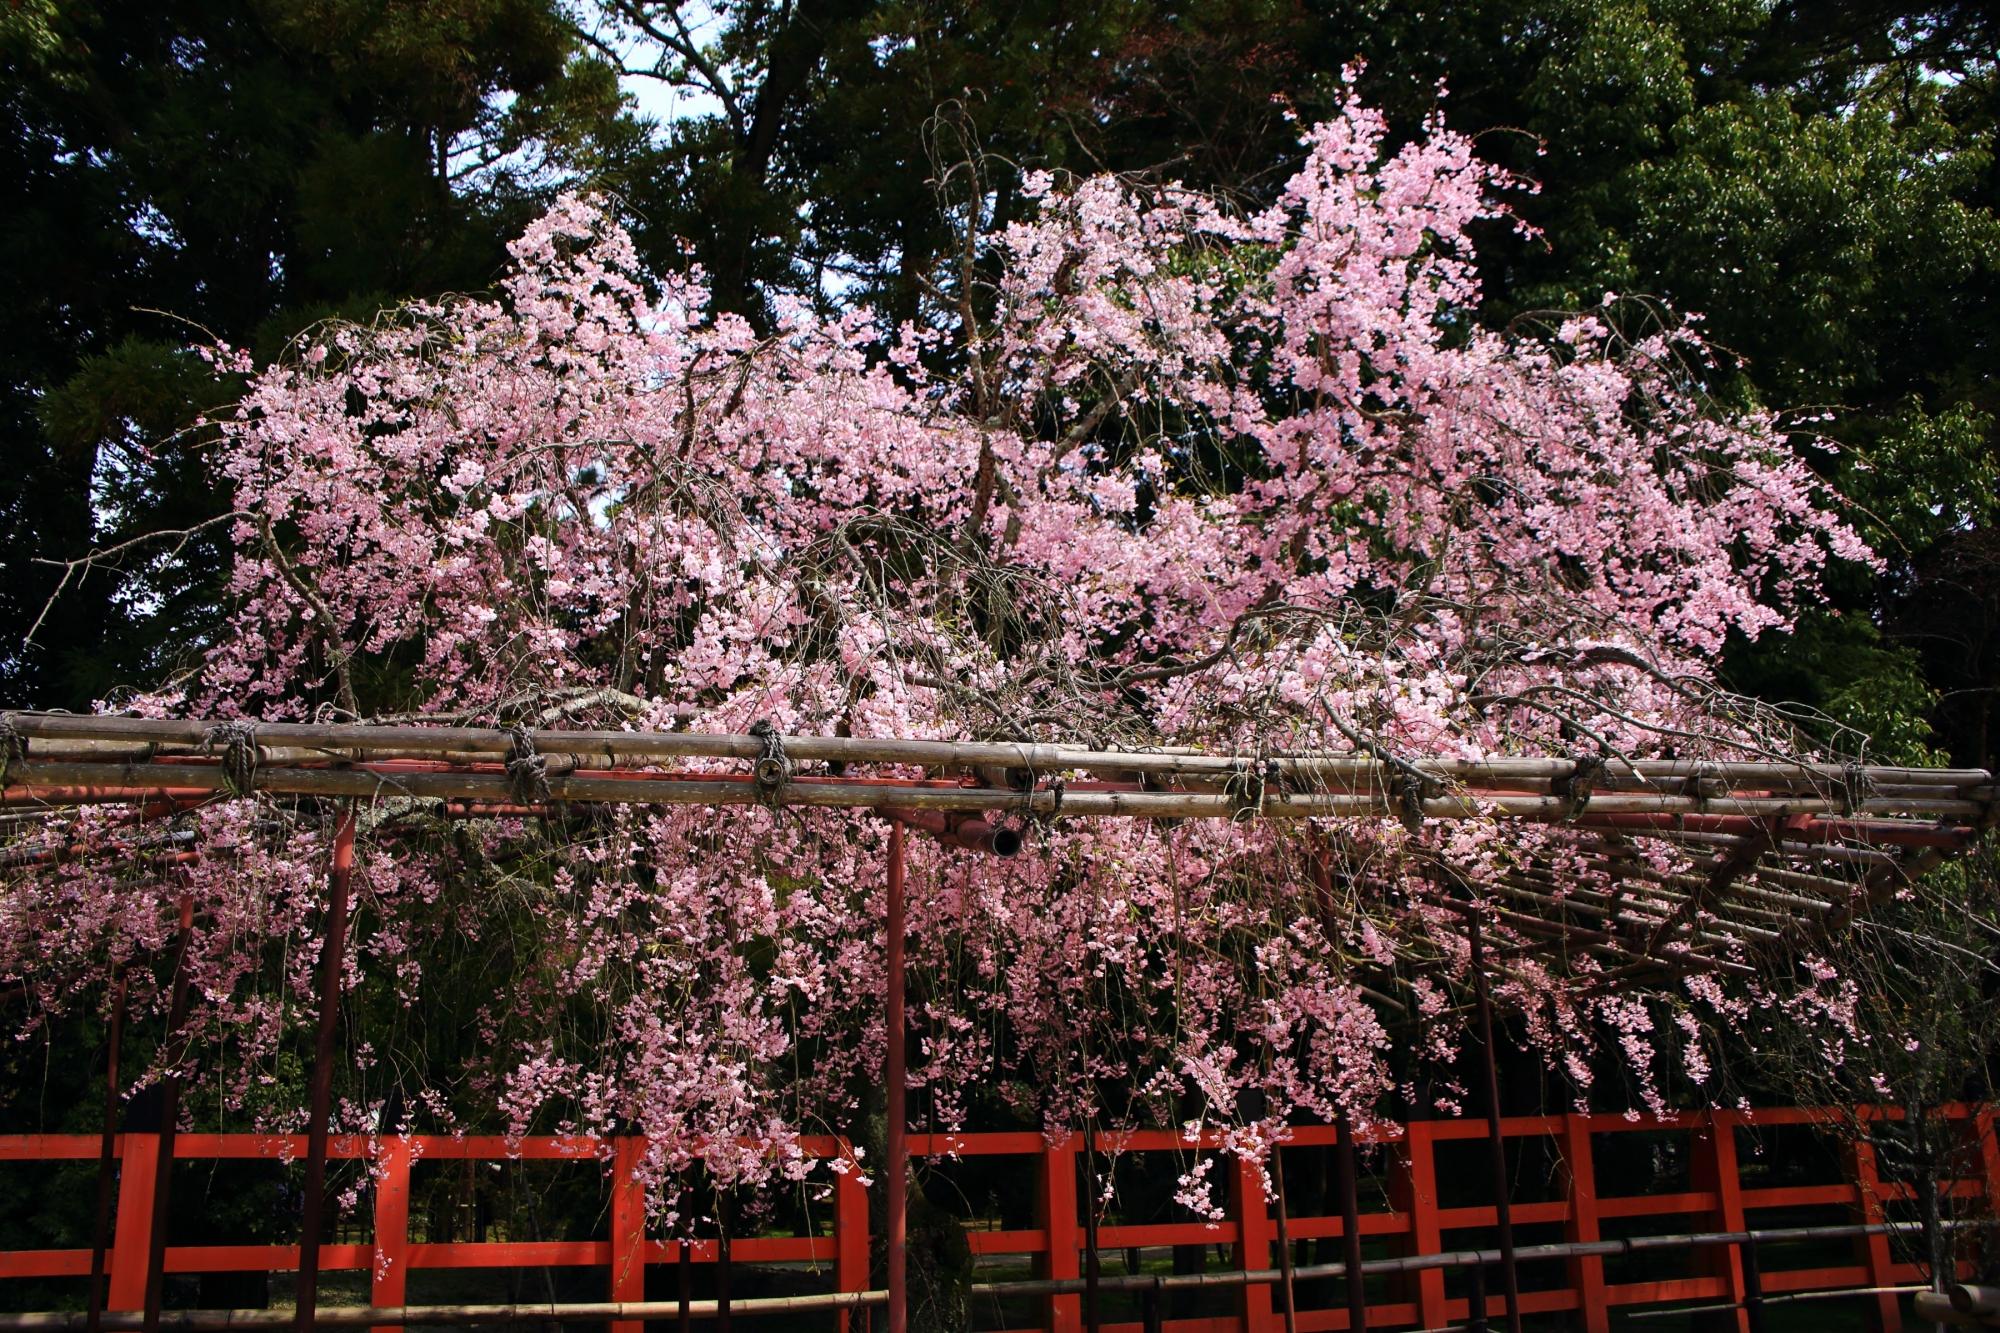 境内の一角で静かに咲き誇る風流桜